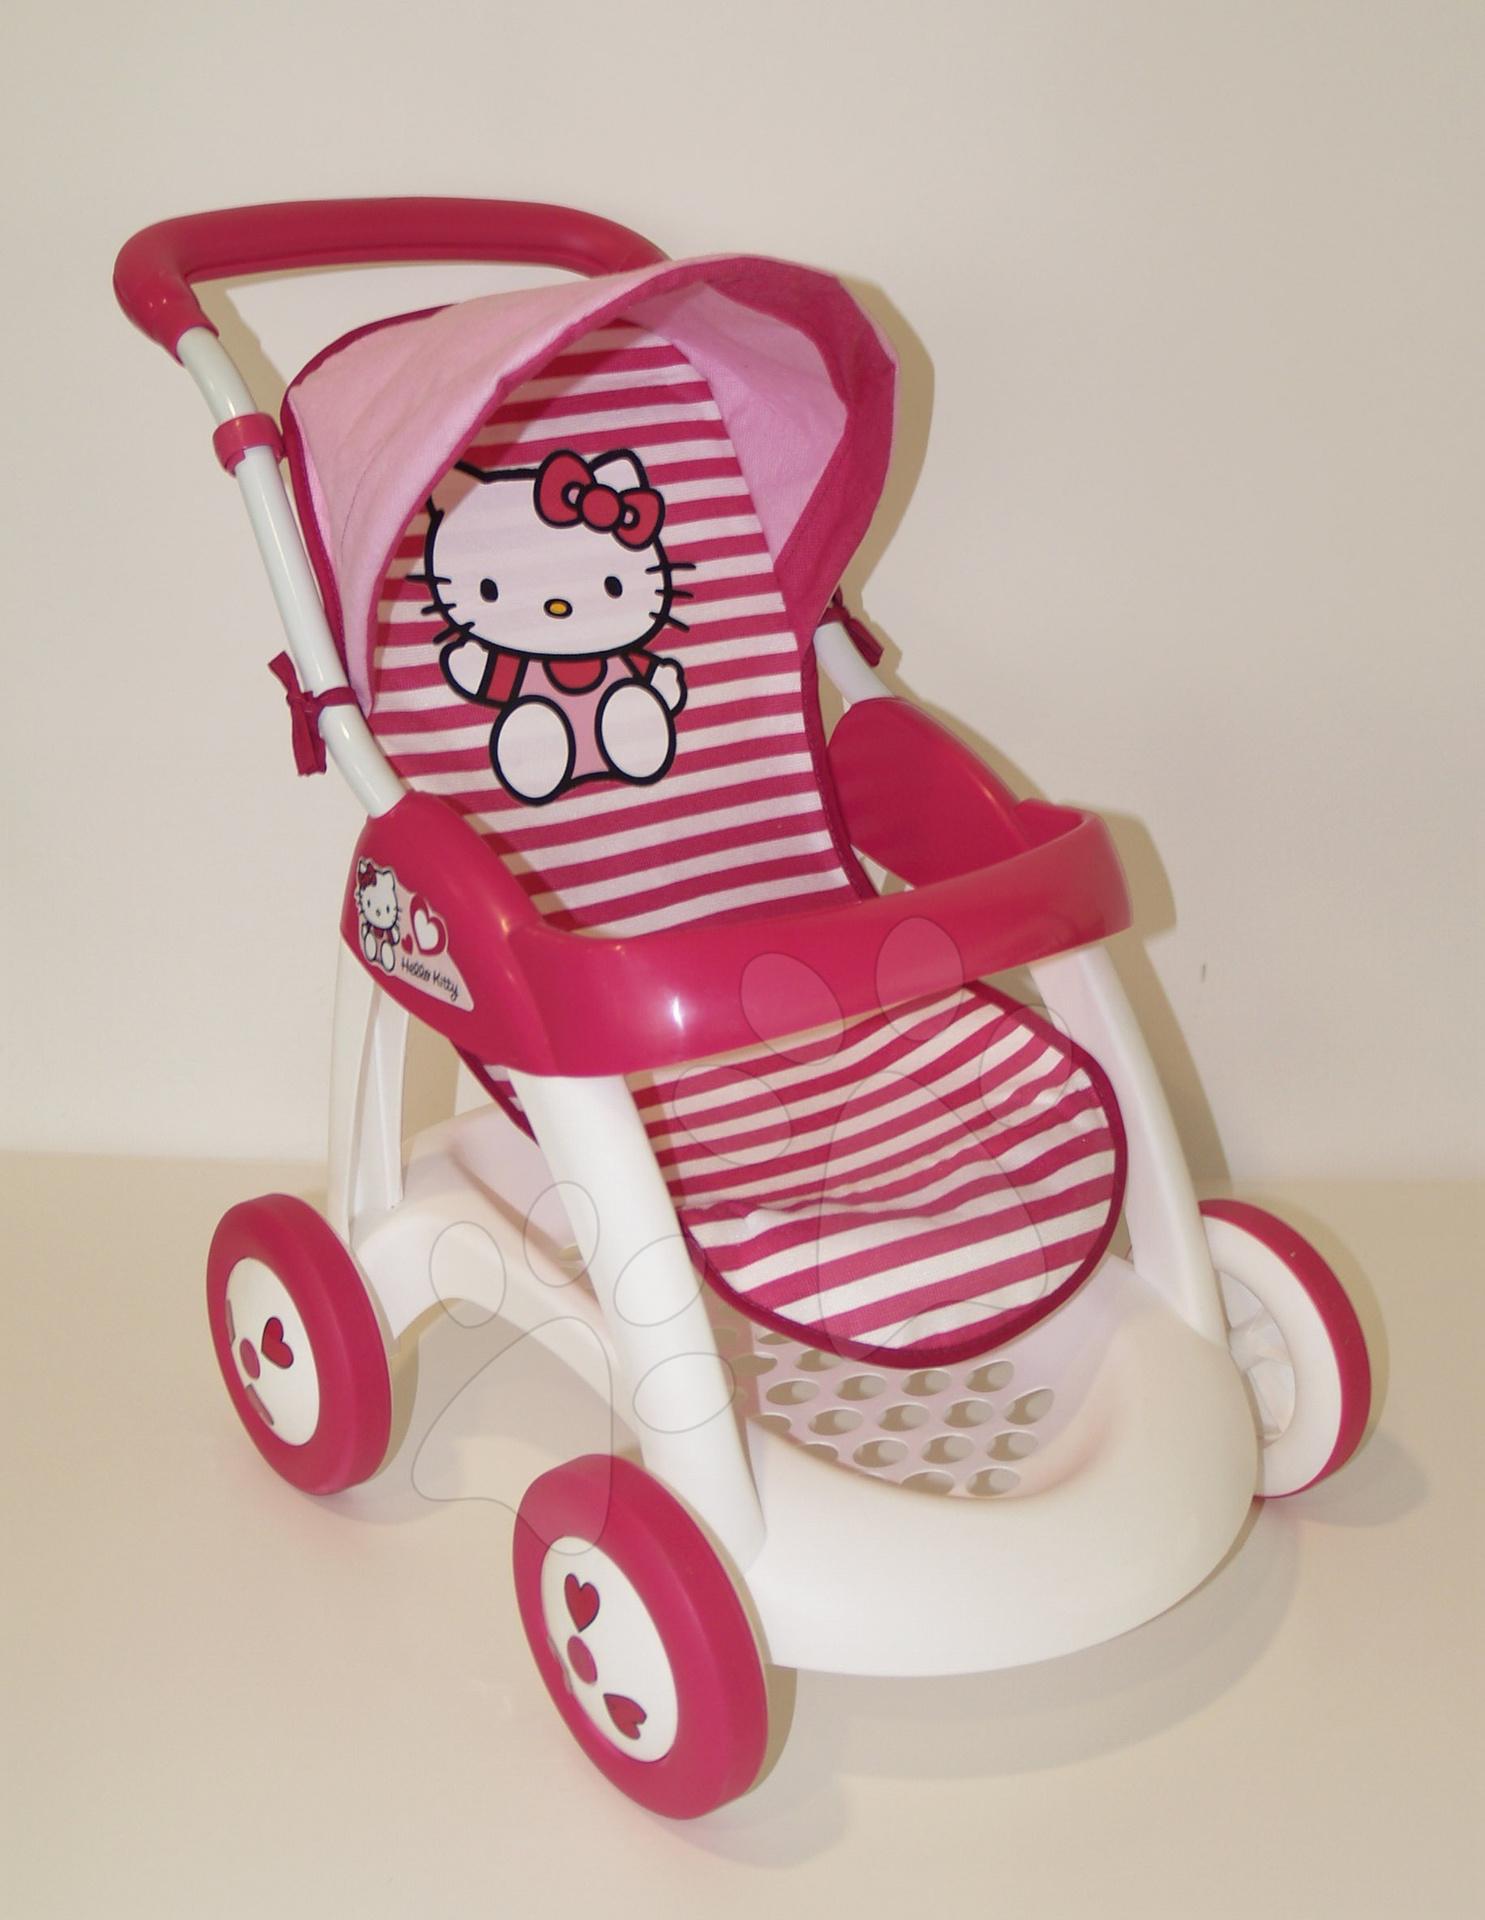 Produse vechi - Cărucior sport Hello Kitty Smoby 60*36*70 cm de la 18 luni